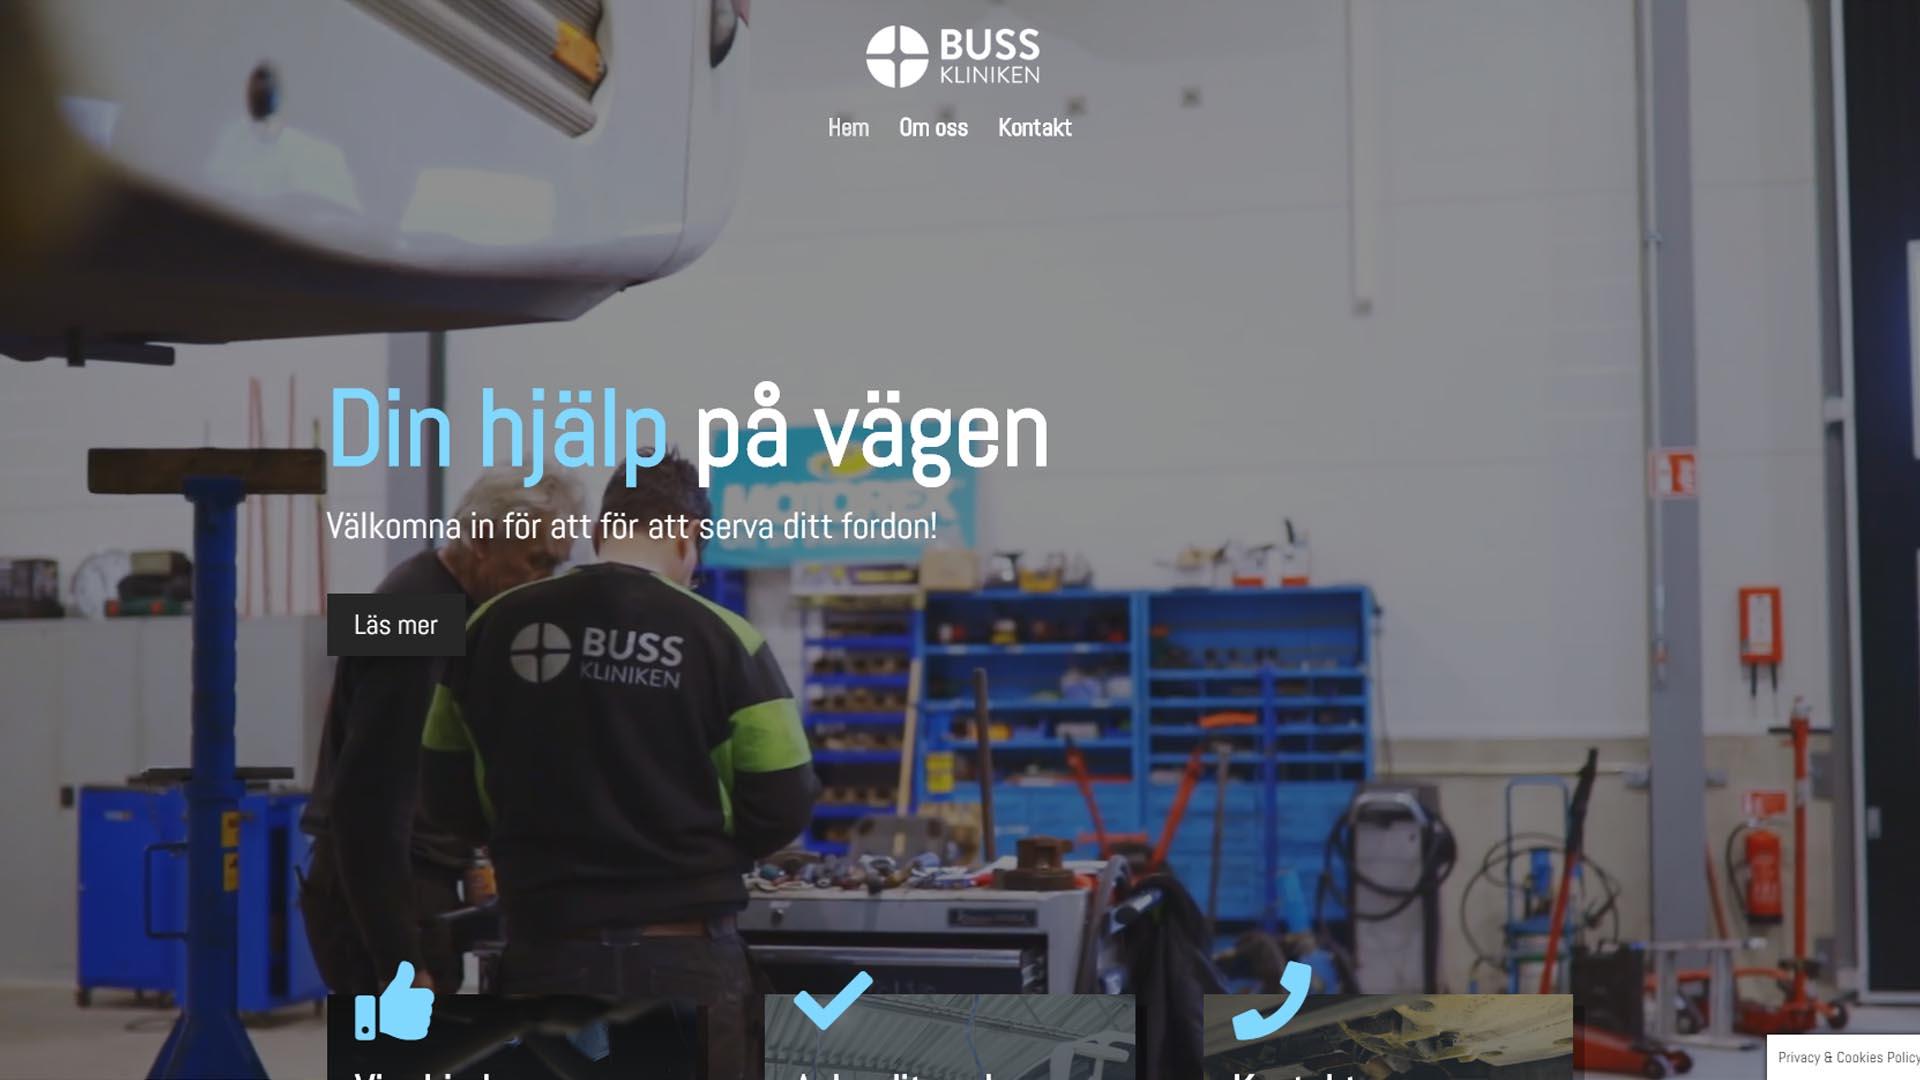 busskliniken-wbpic